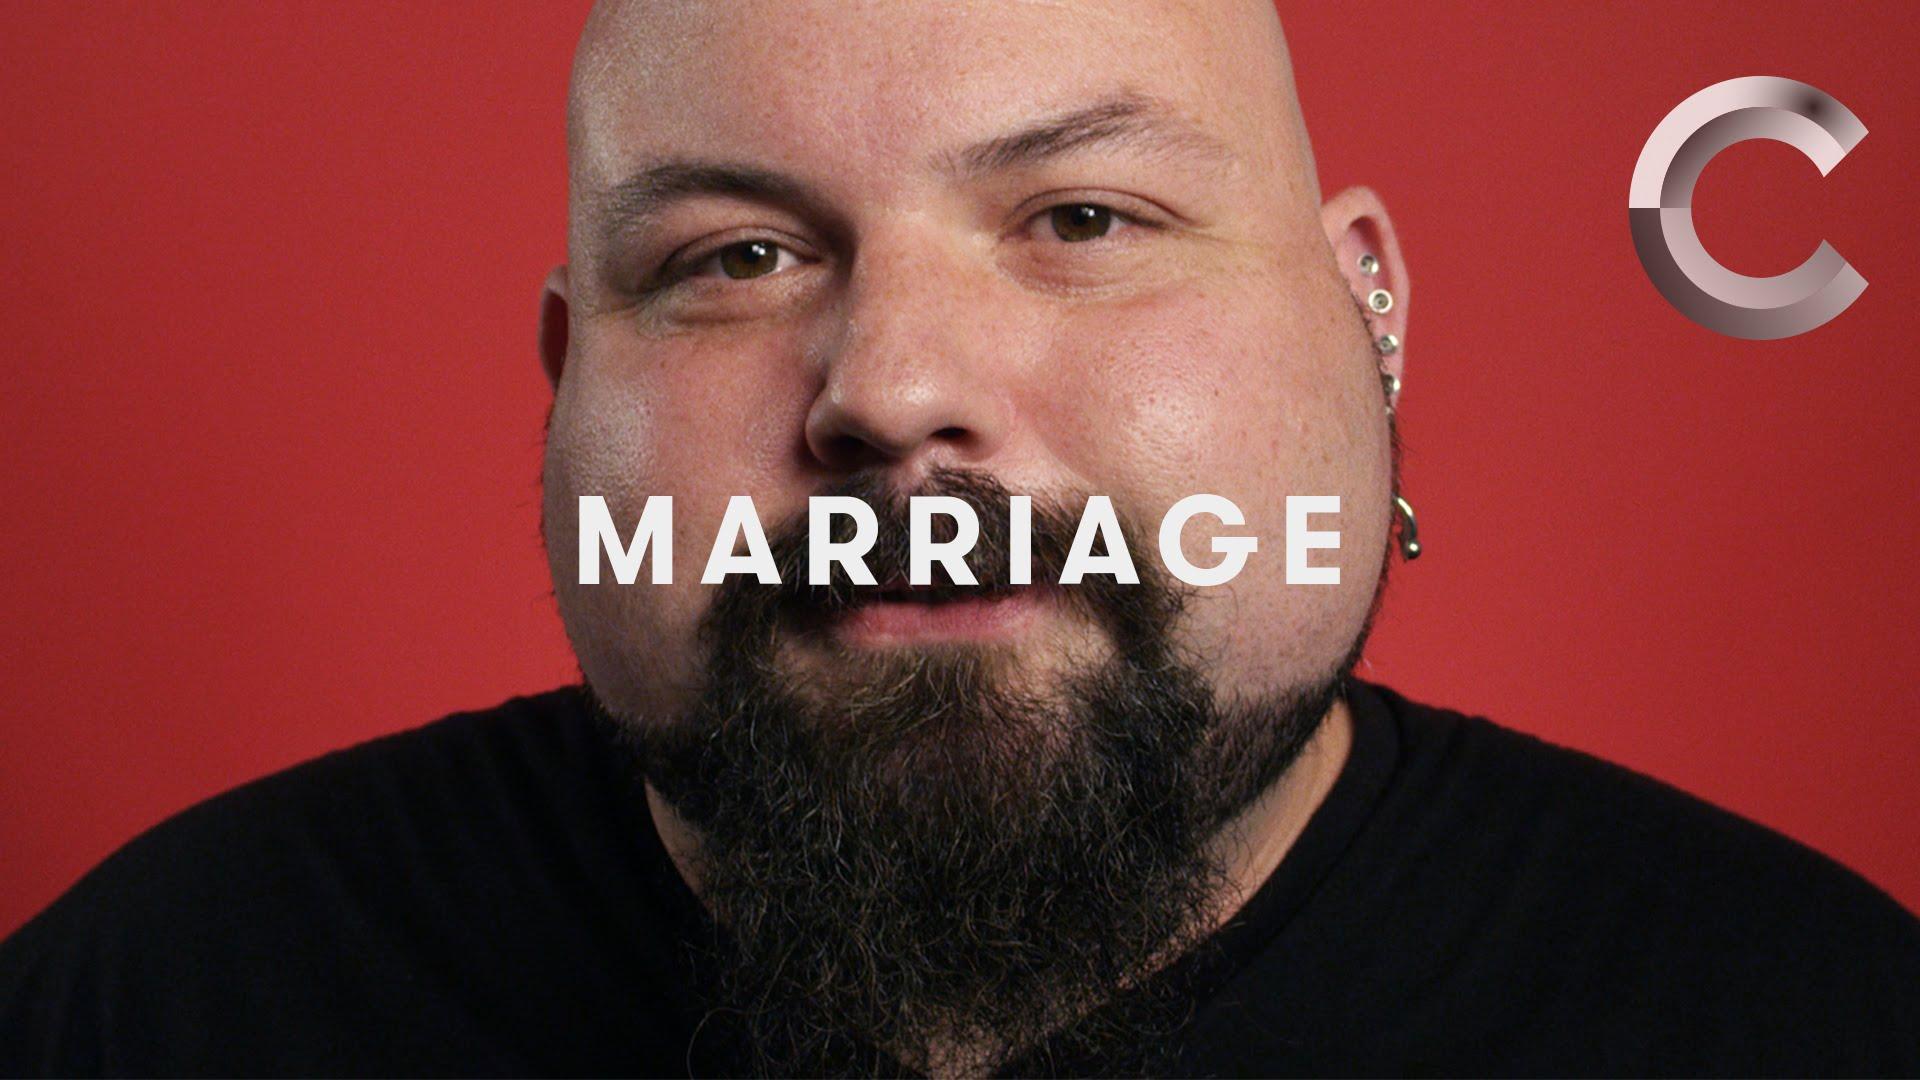 「【感人訪談】『婚姻』對你來說是什麼?」- One Word: Marriage